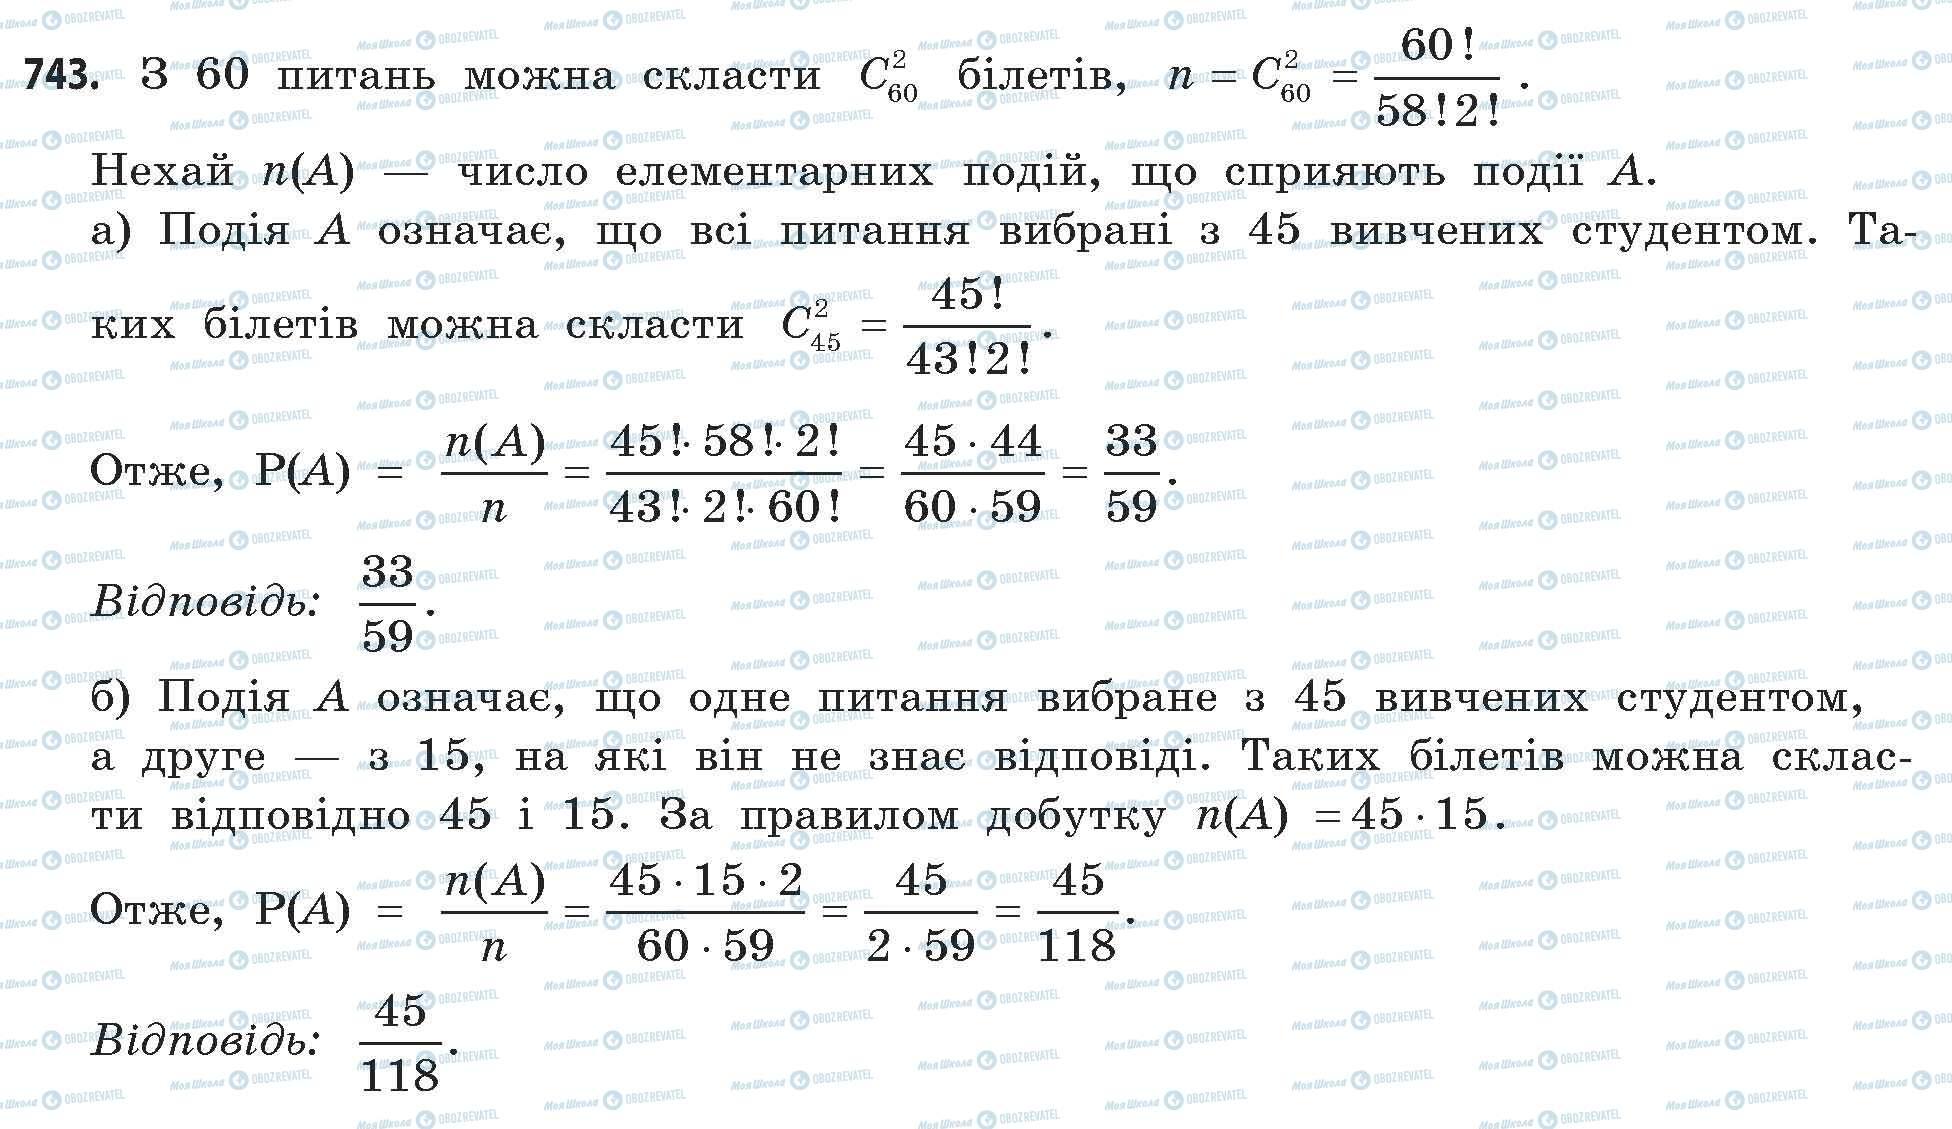 ГДЗ Математика 11 класс страница 743